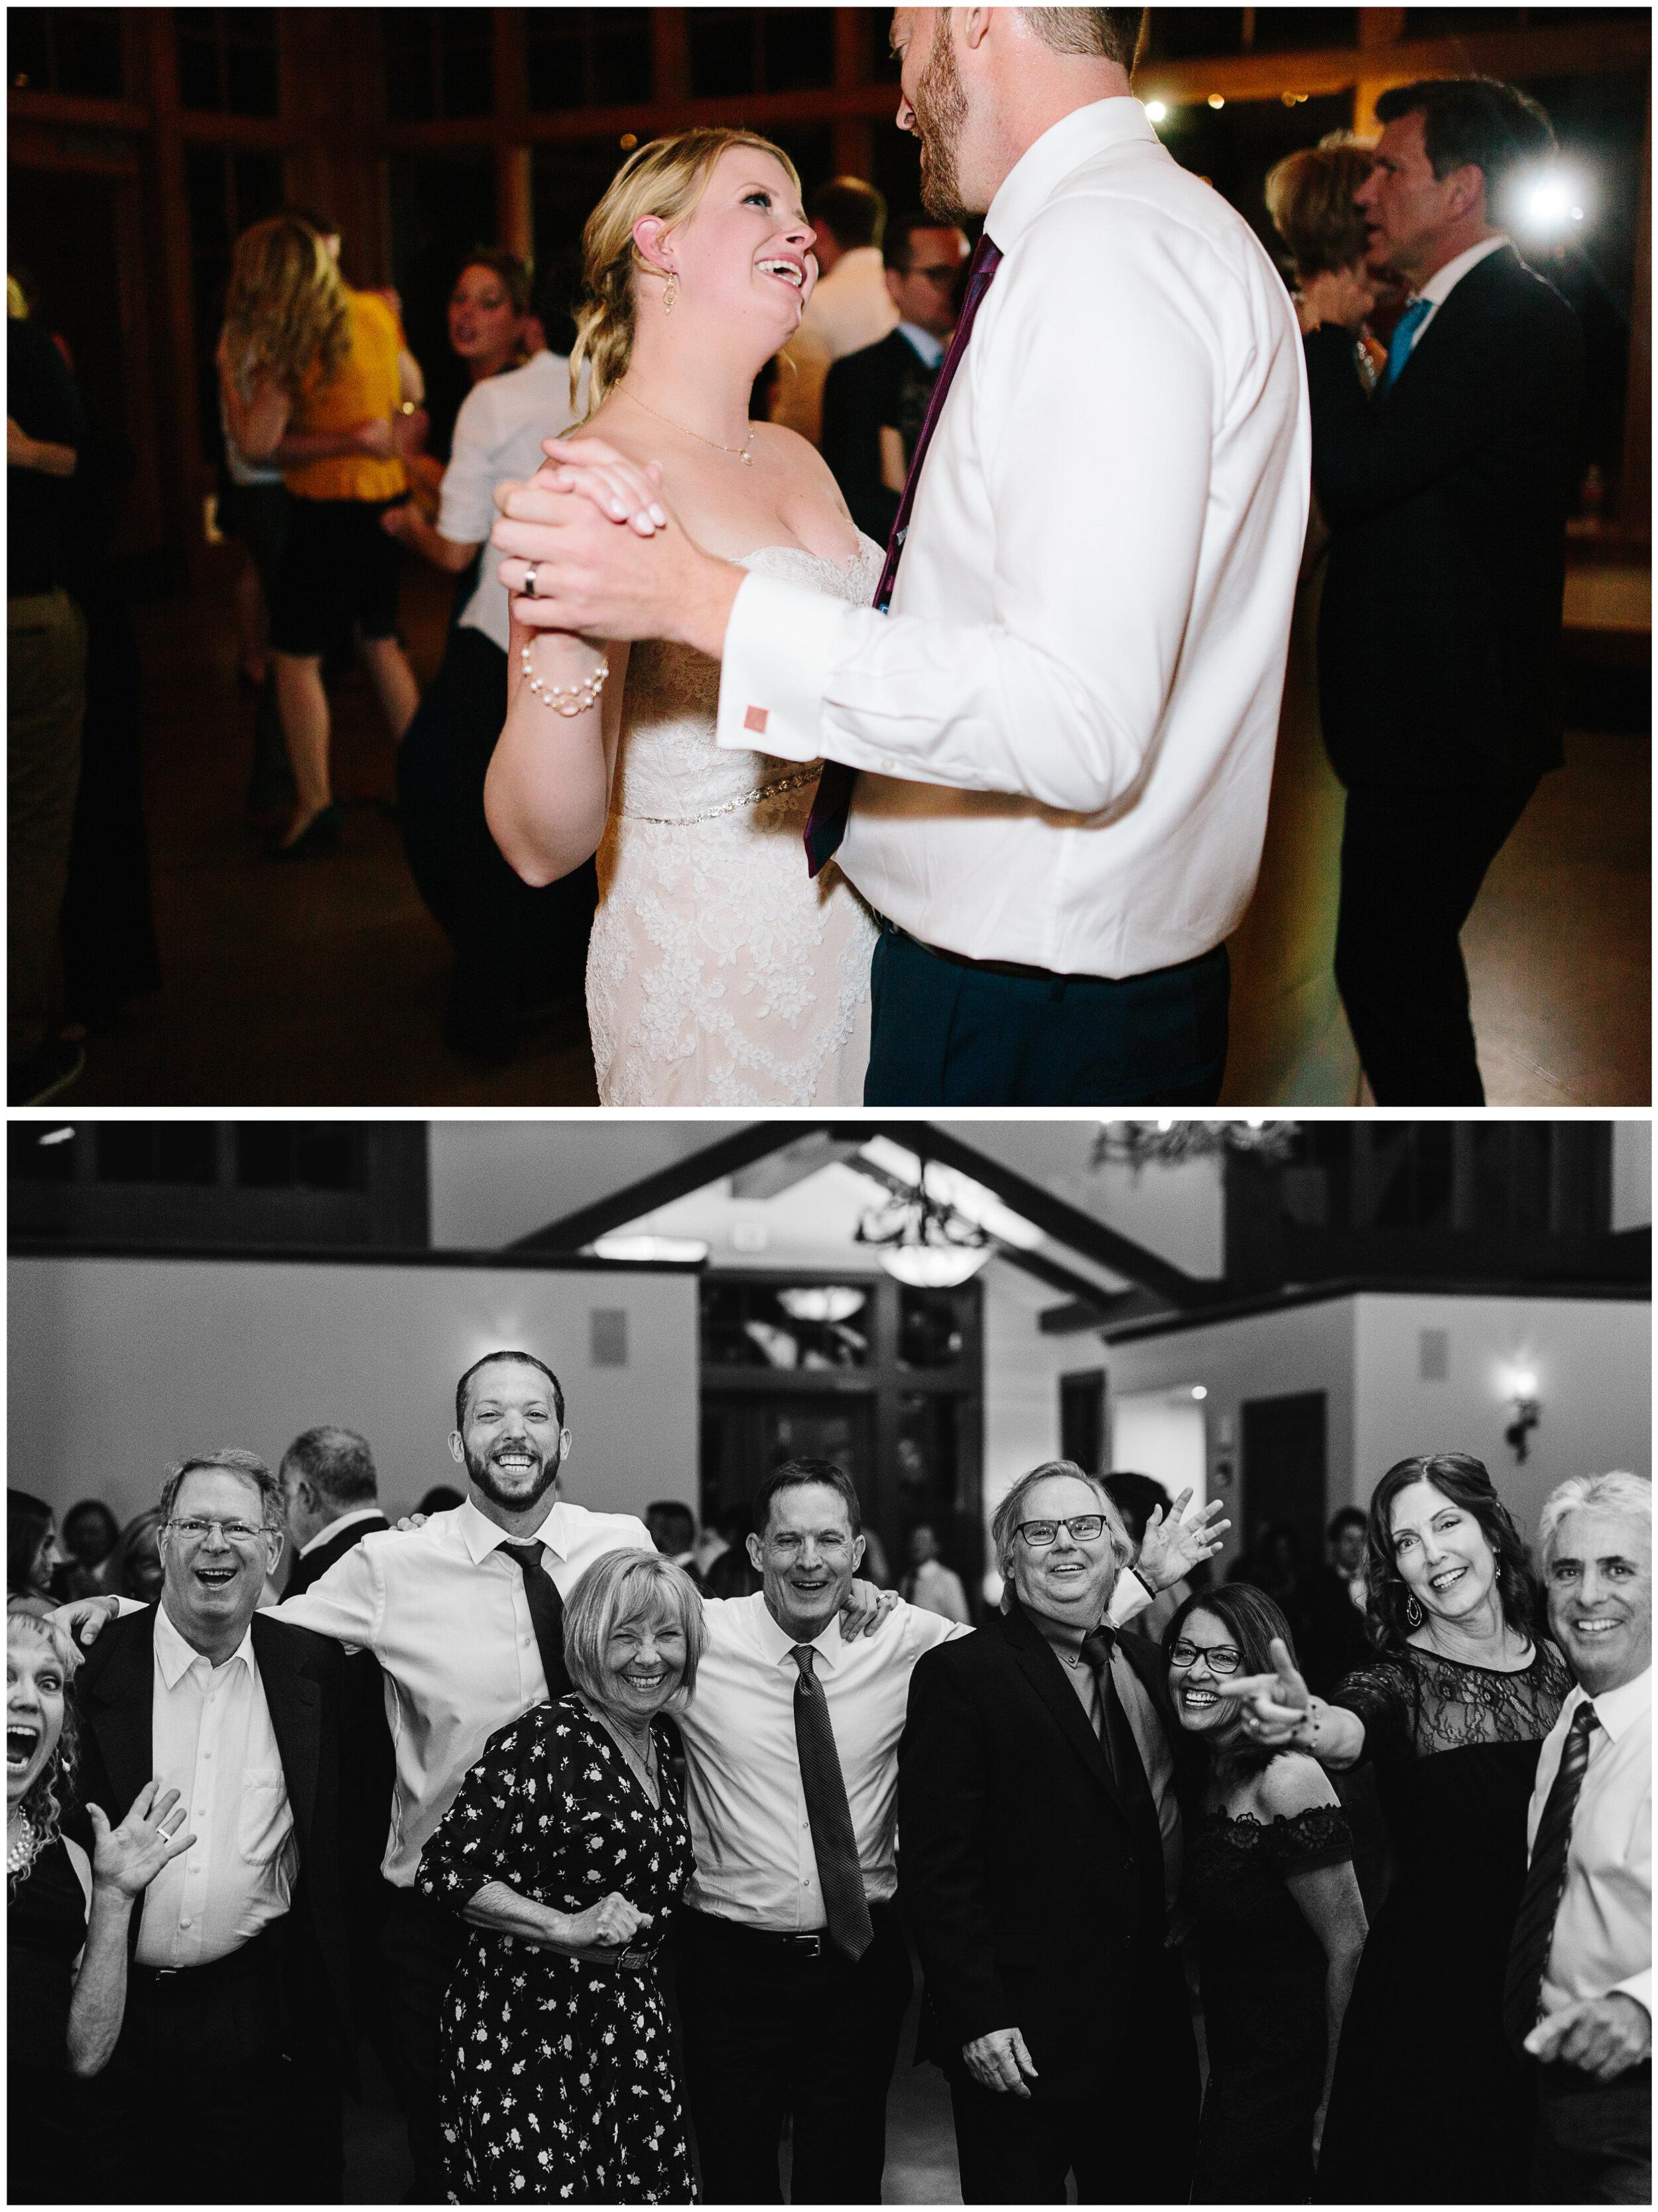 vail_wedding_118.jpg